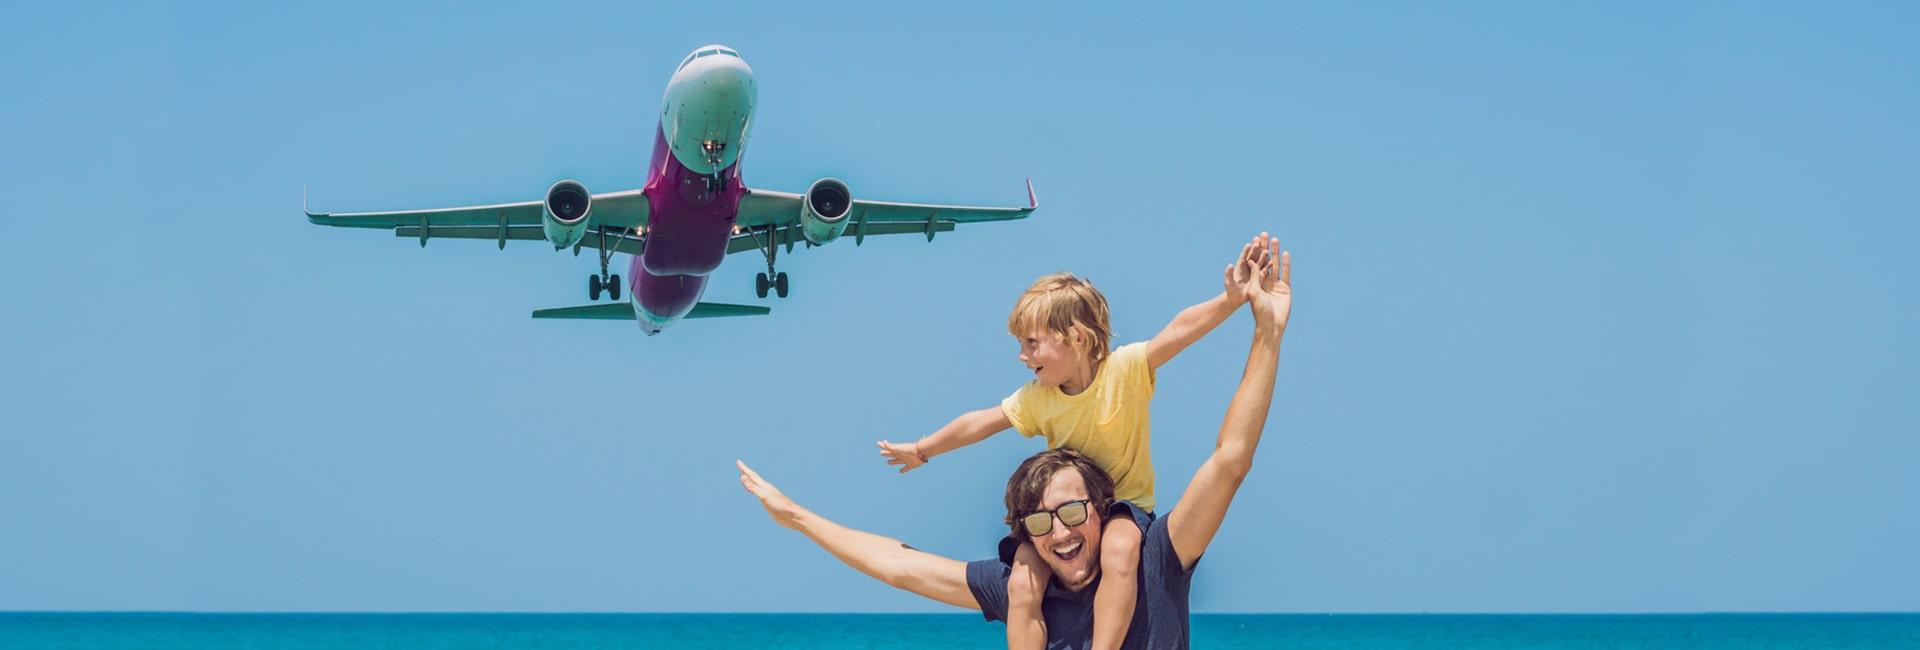 Airlines resume flights to vallarta riviera nayarit